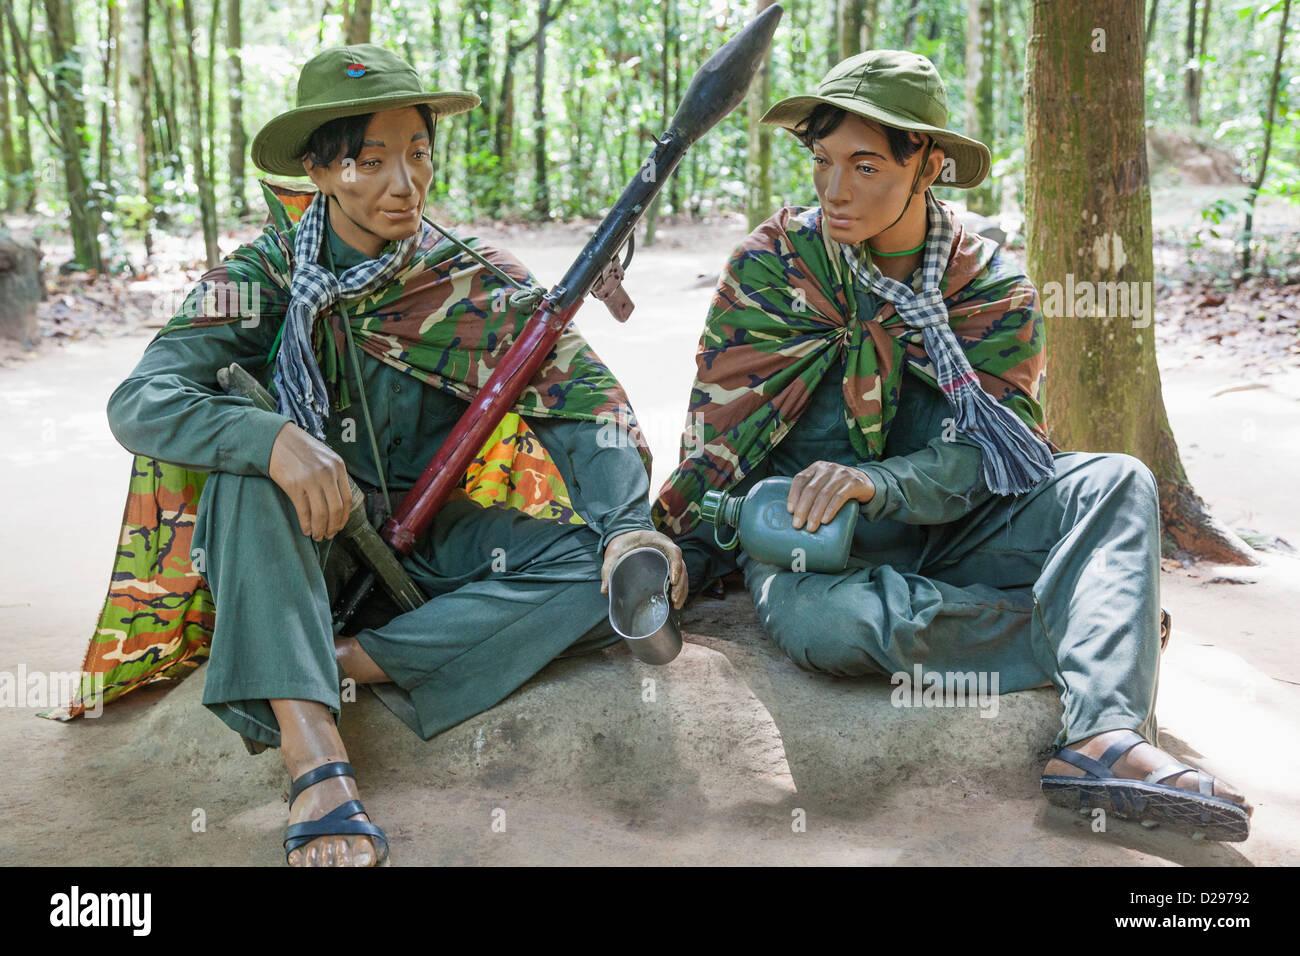 Il Vietnam, Ho Chi Minh City, Tunnel di Cu Chi, presentano dei vietcong Fighters Immagini Stock